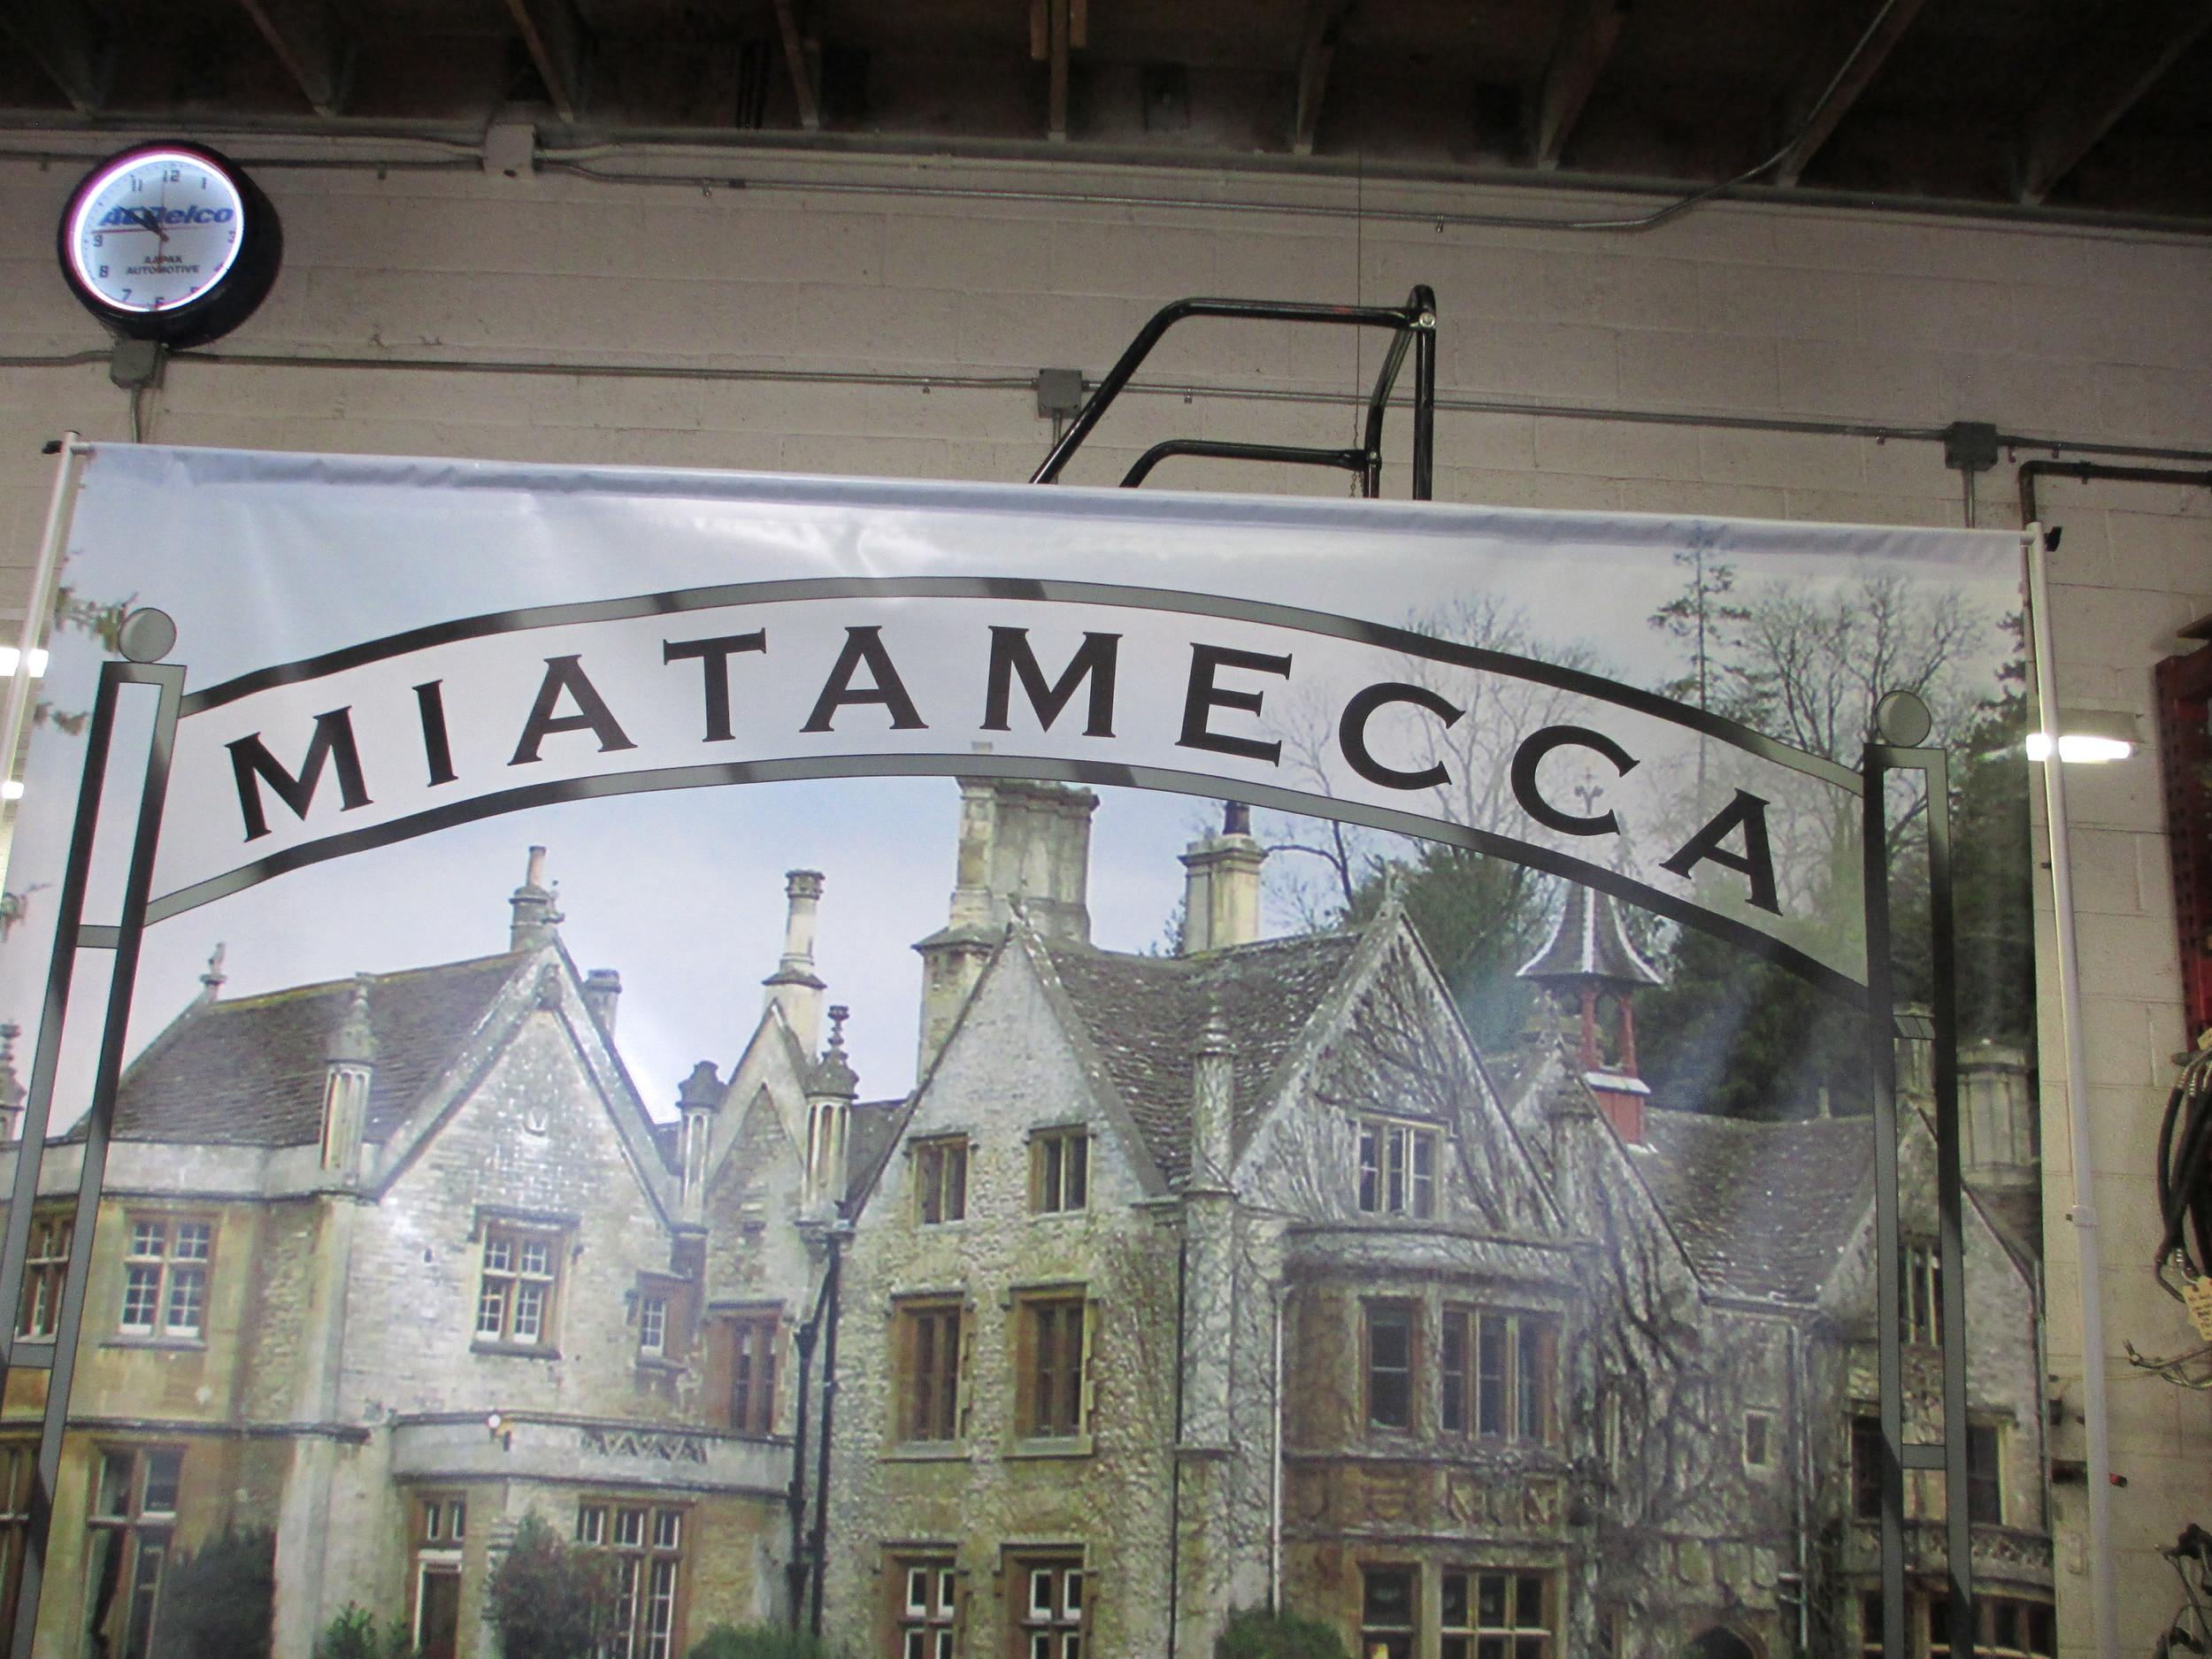 Mike's Miata Mecca